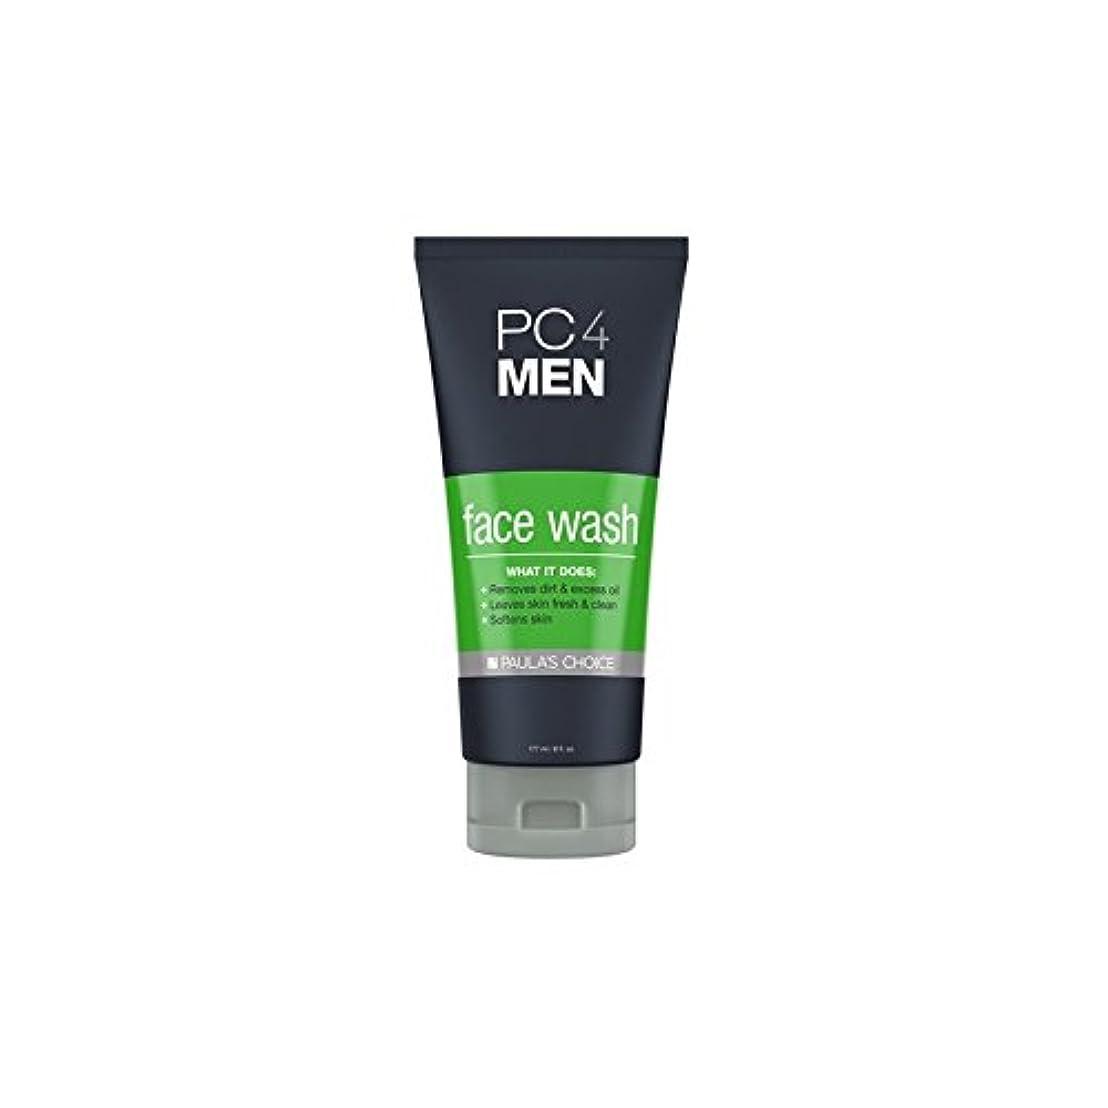 離婚ぺディカブ活気づくPaula's Choice Pc4Men Face Wash (177ml) - ポーラチョイス4の洗顔料(177ミリリットル) [並行輸入品]